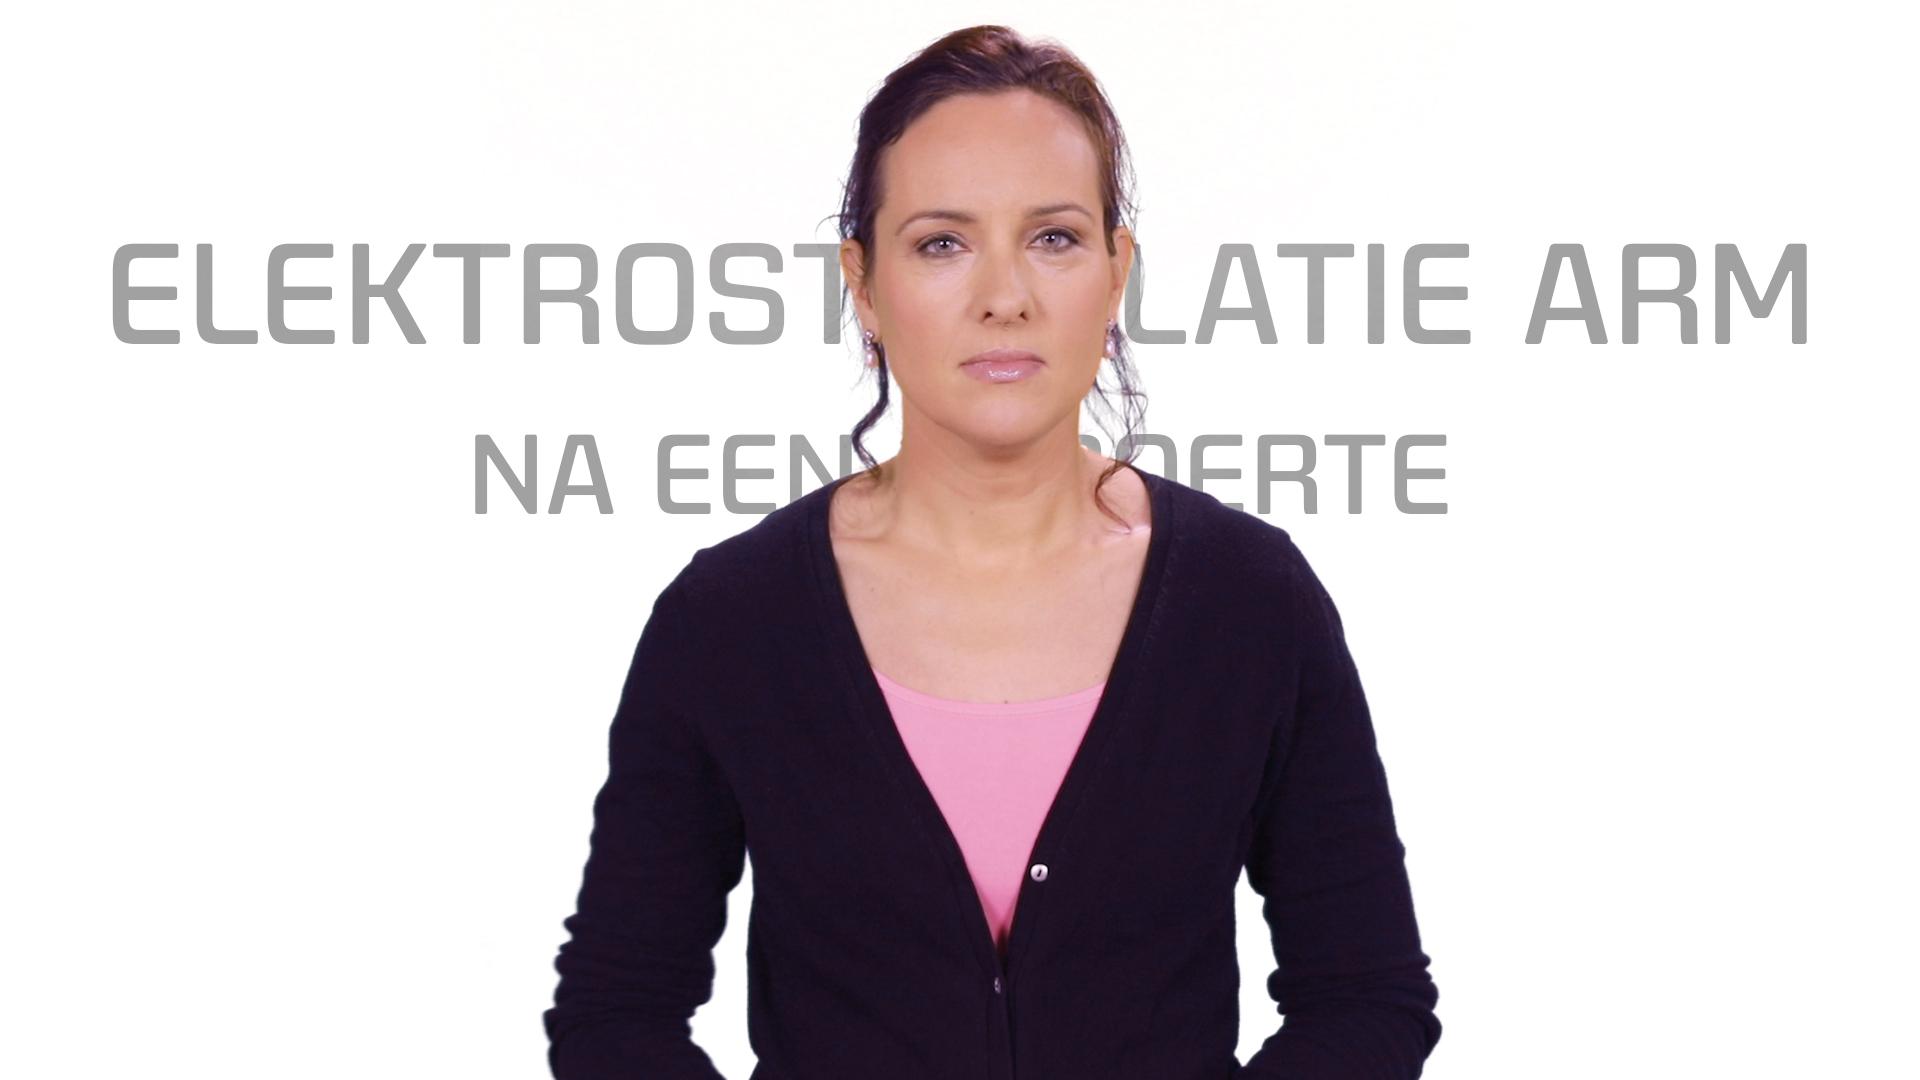 Bekijk de video: Elektrostimulatie arm na een beroerte